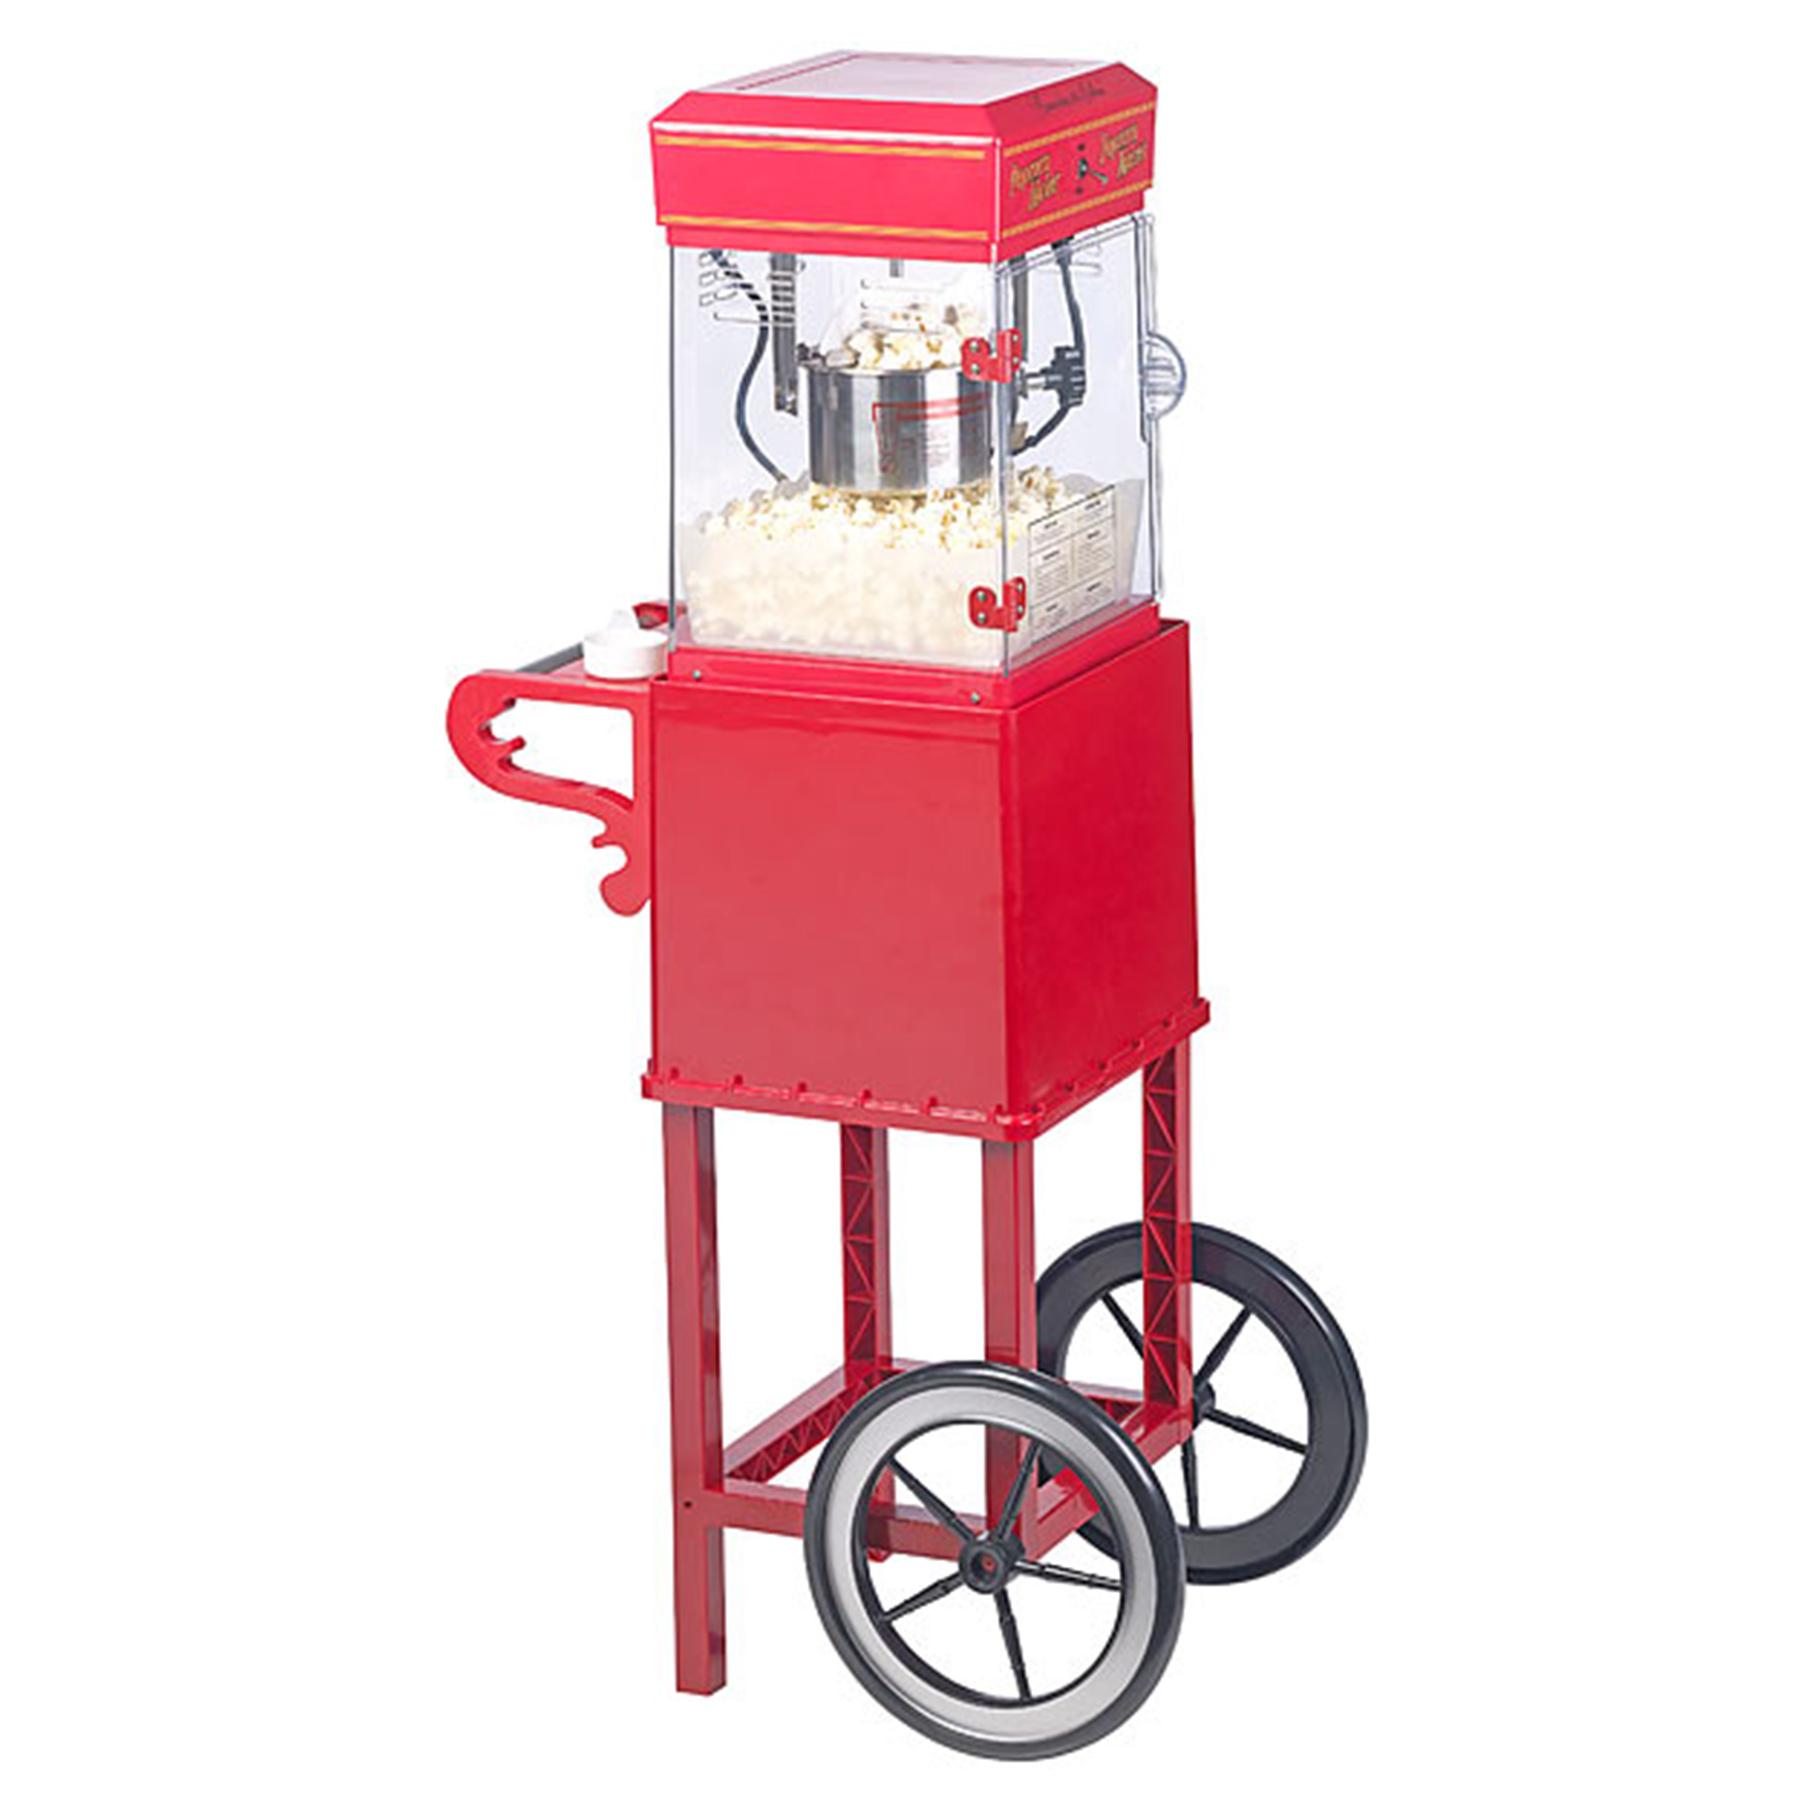 Popcornmaschine mit Wagen - Premium Edition - 6